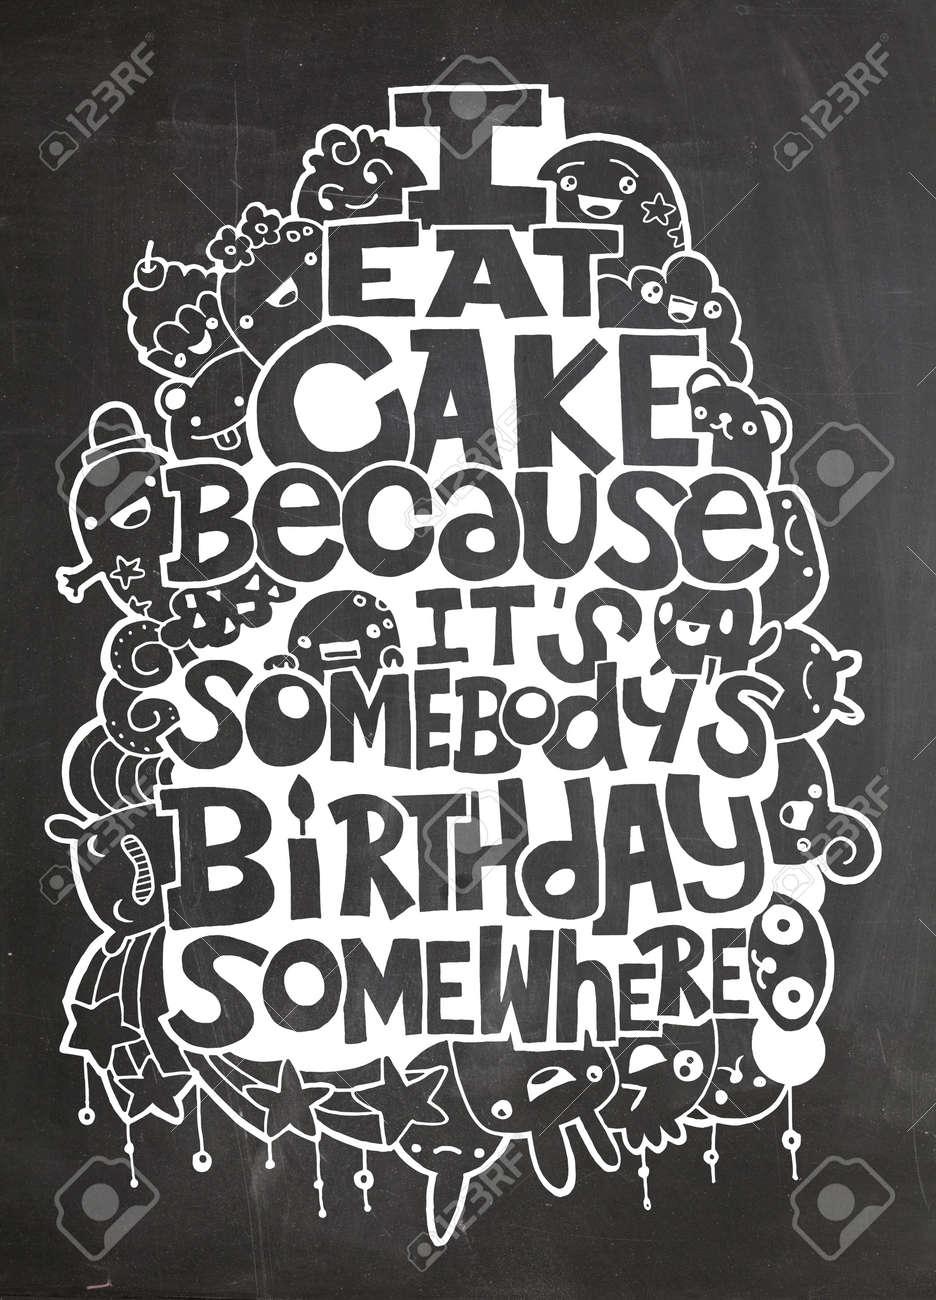 Vettoriale Mangio La Torta Perche E Il Compleanno Di Qualcuno